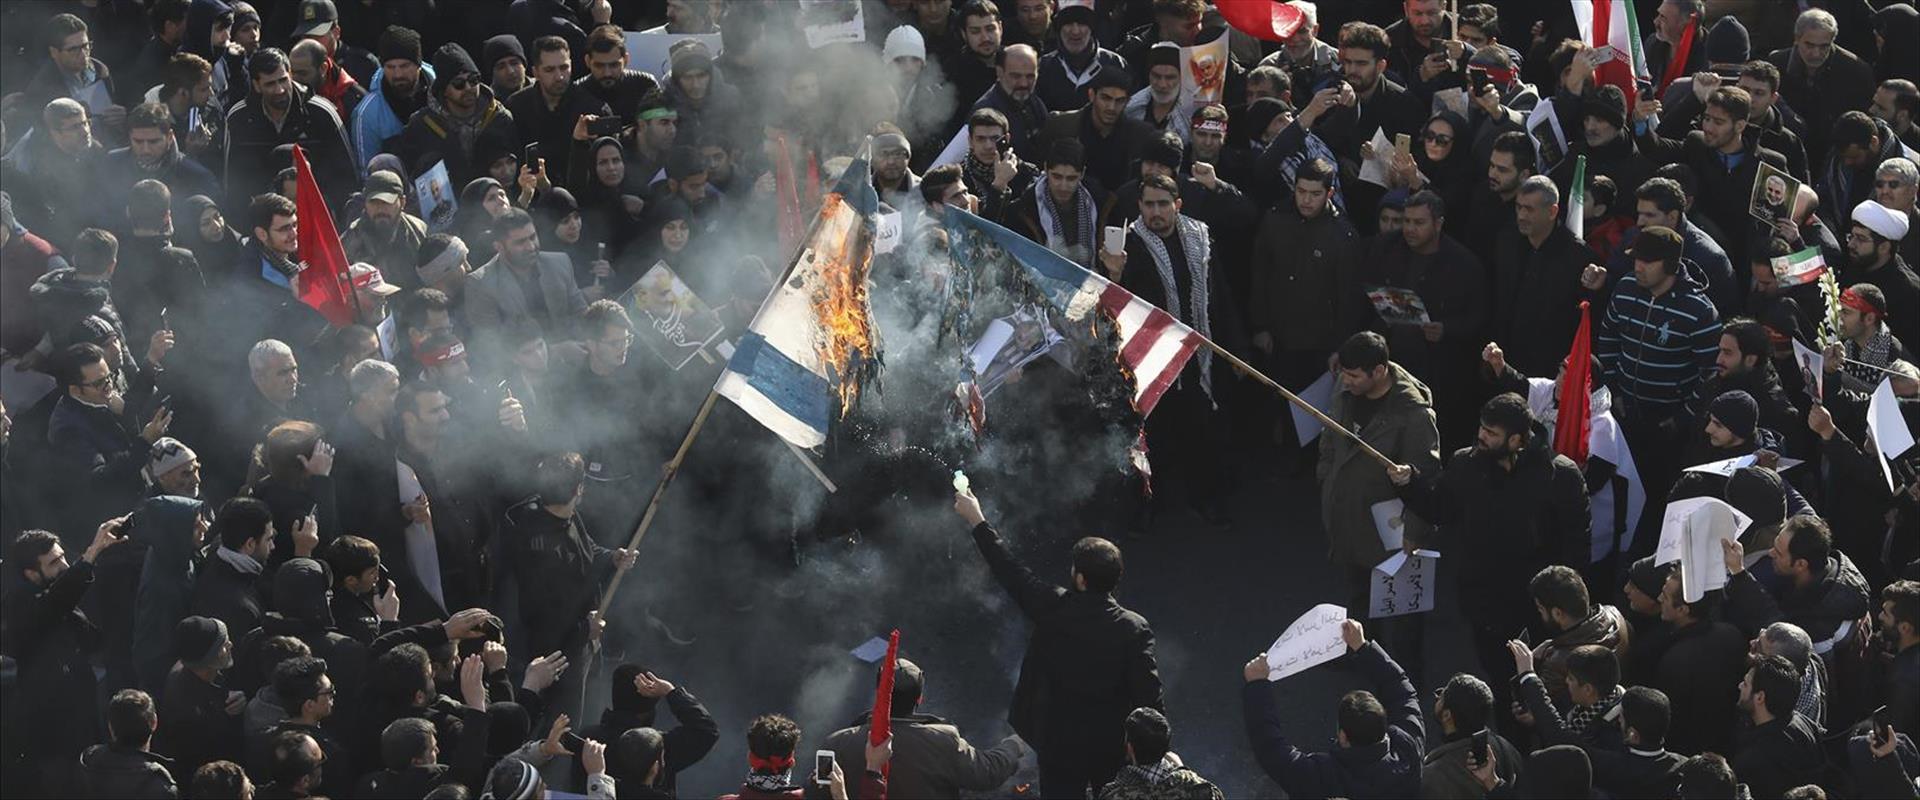 """שריפת דגלי ישראל וארה""""ב במסע הלוויית סולימאני בטהר"""